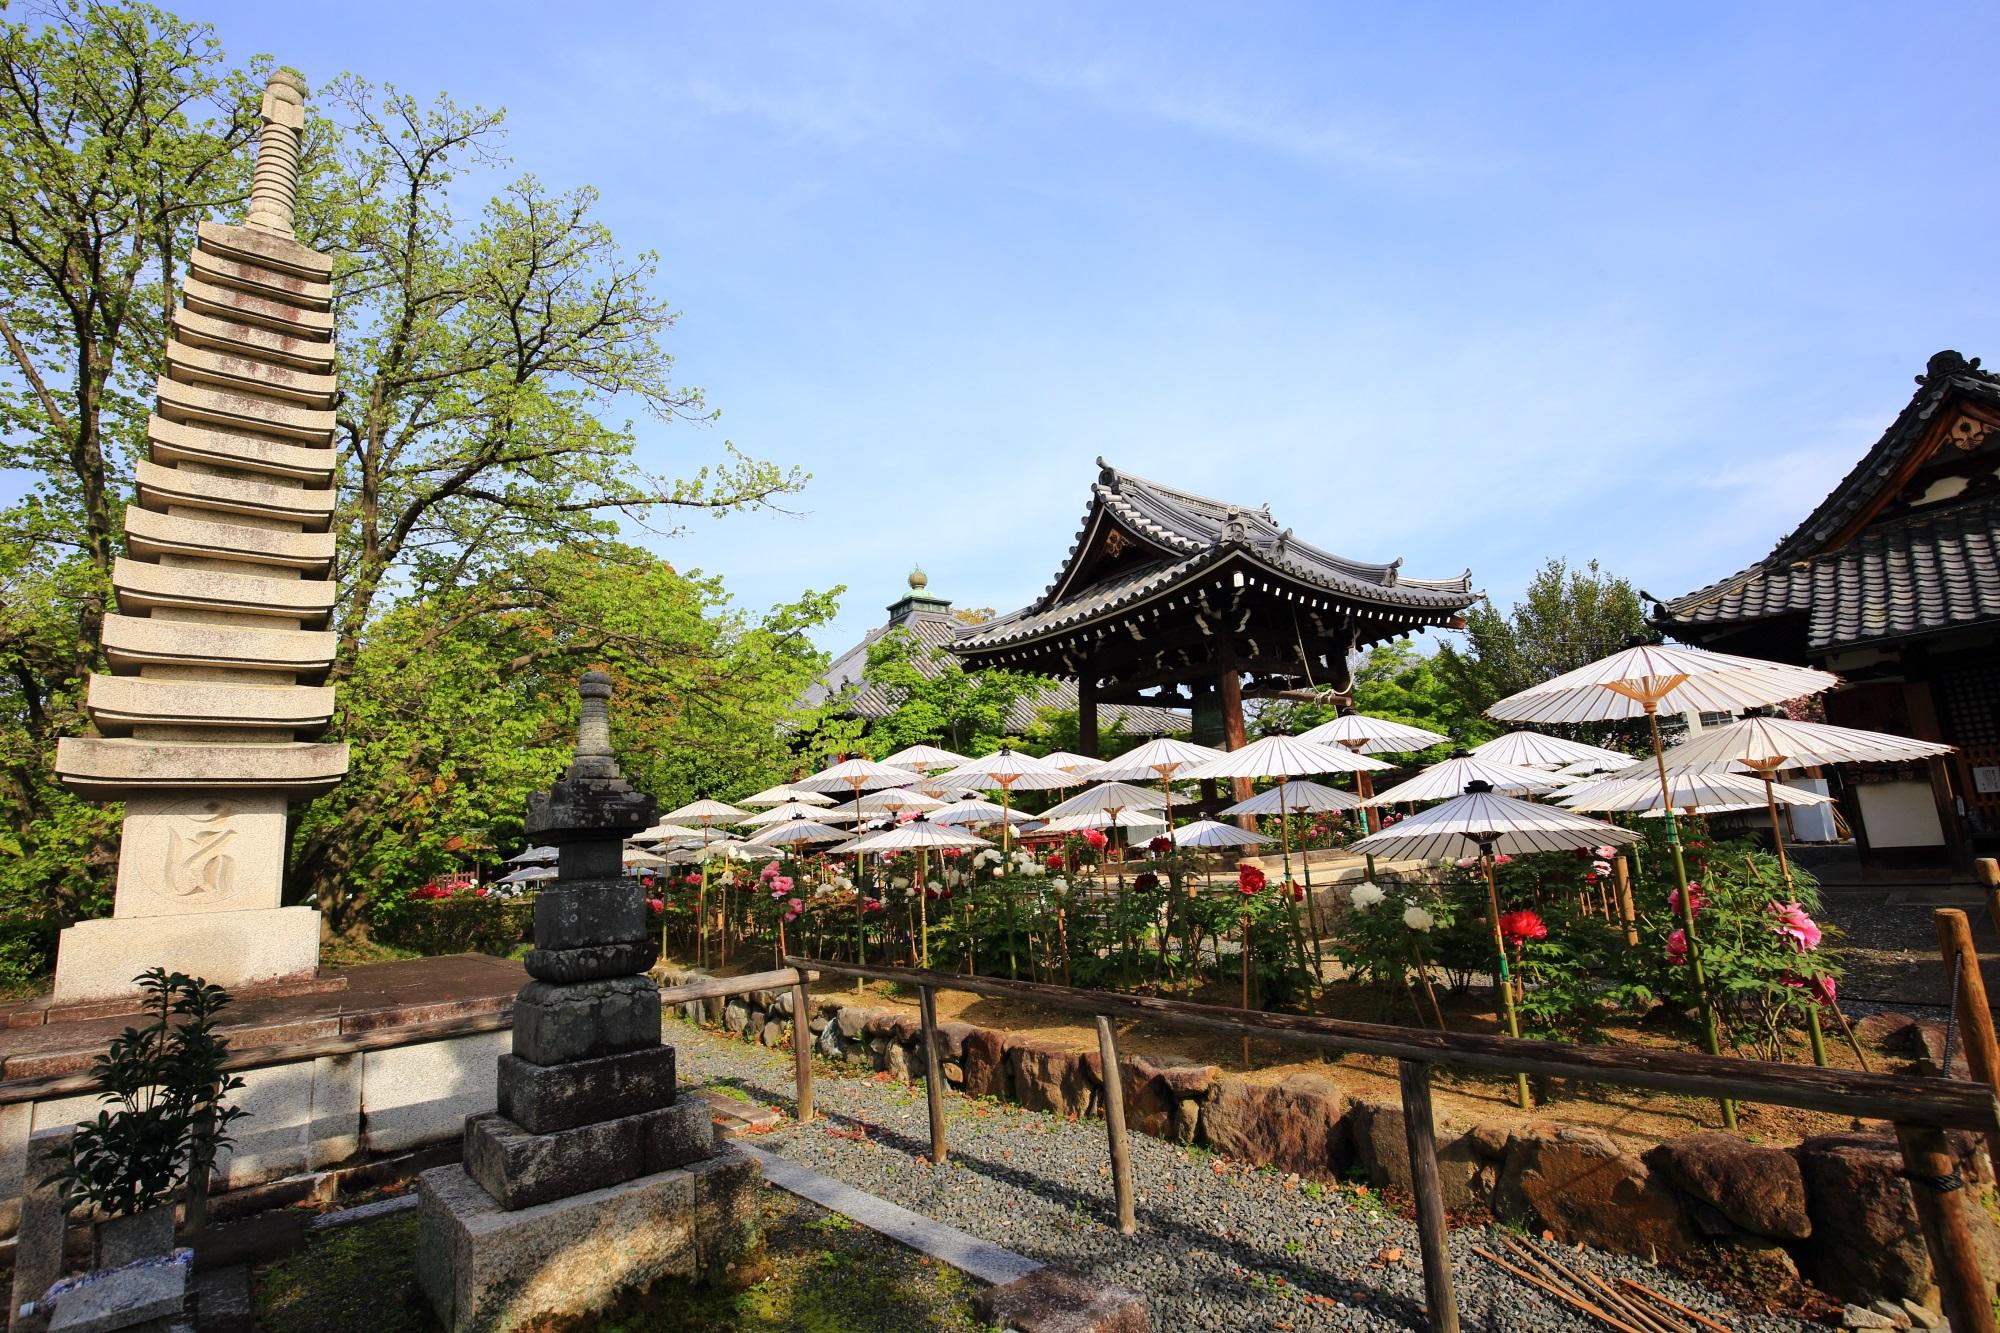 乙訓寺の非常に絵になる牡丹と春の風景